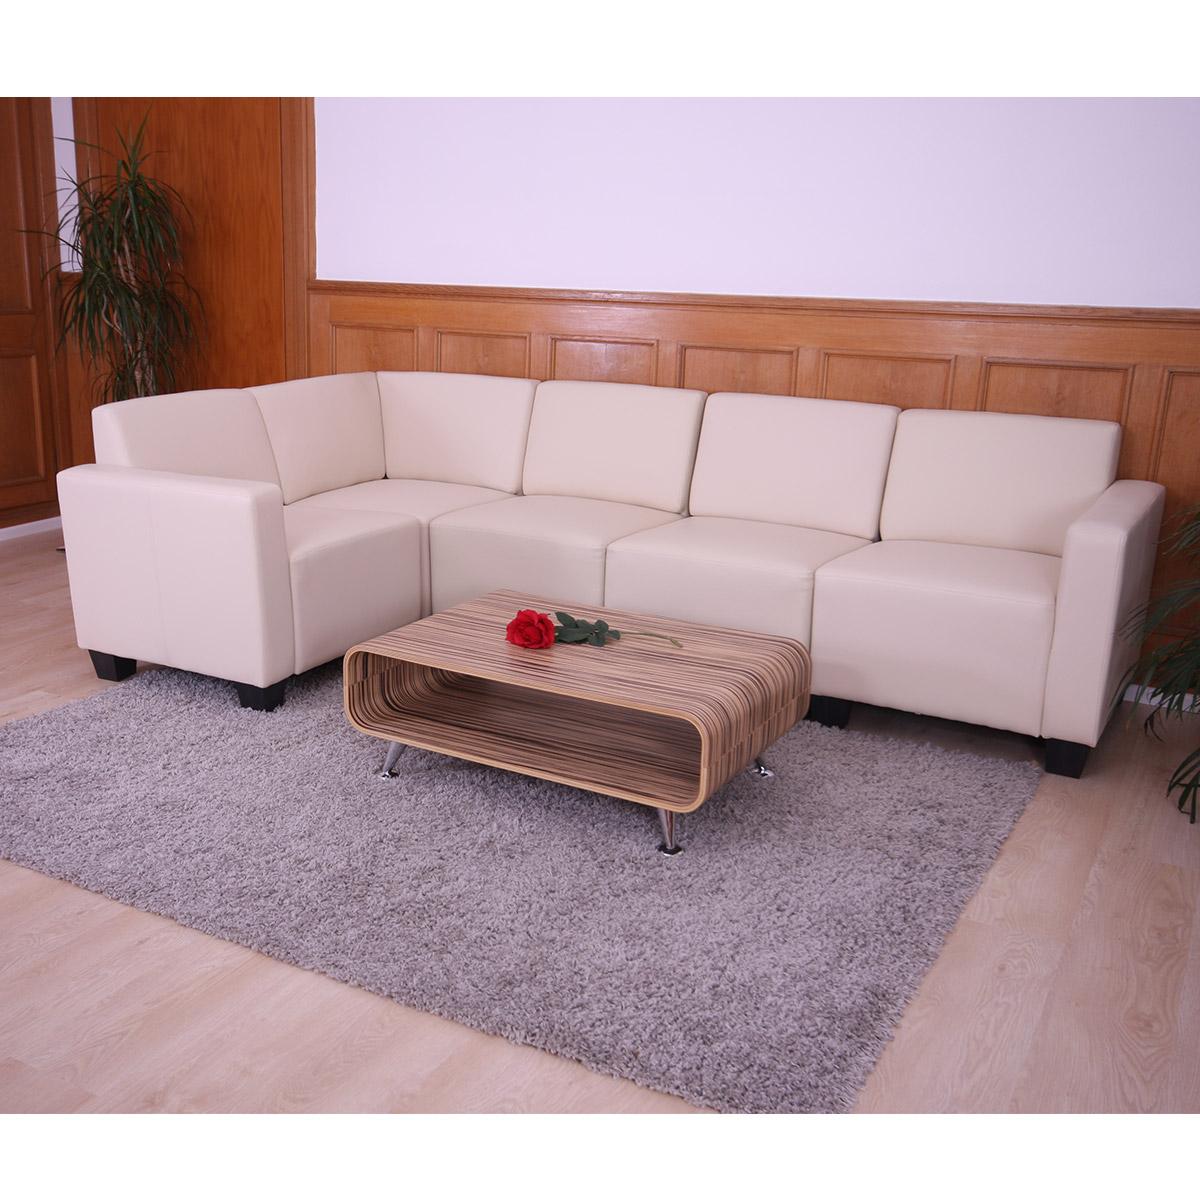 modular sofa system couch garnitur lyon 5 kunstleder creme. Black Bedroom Furniture Sets. Home Design Ideas